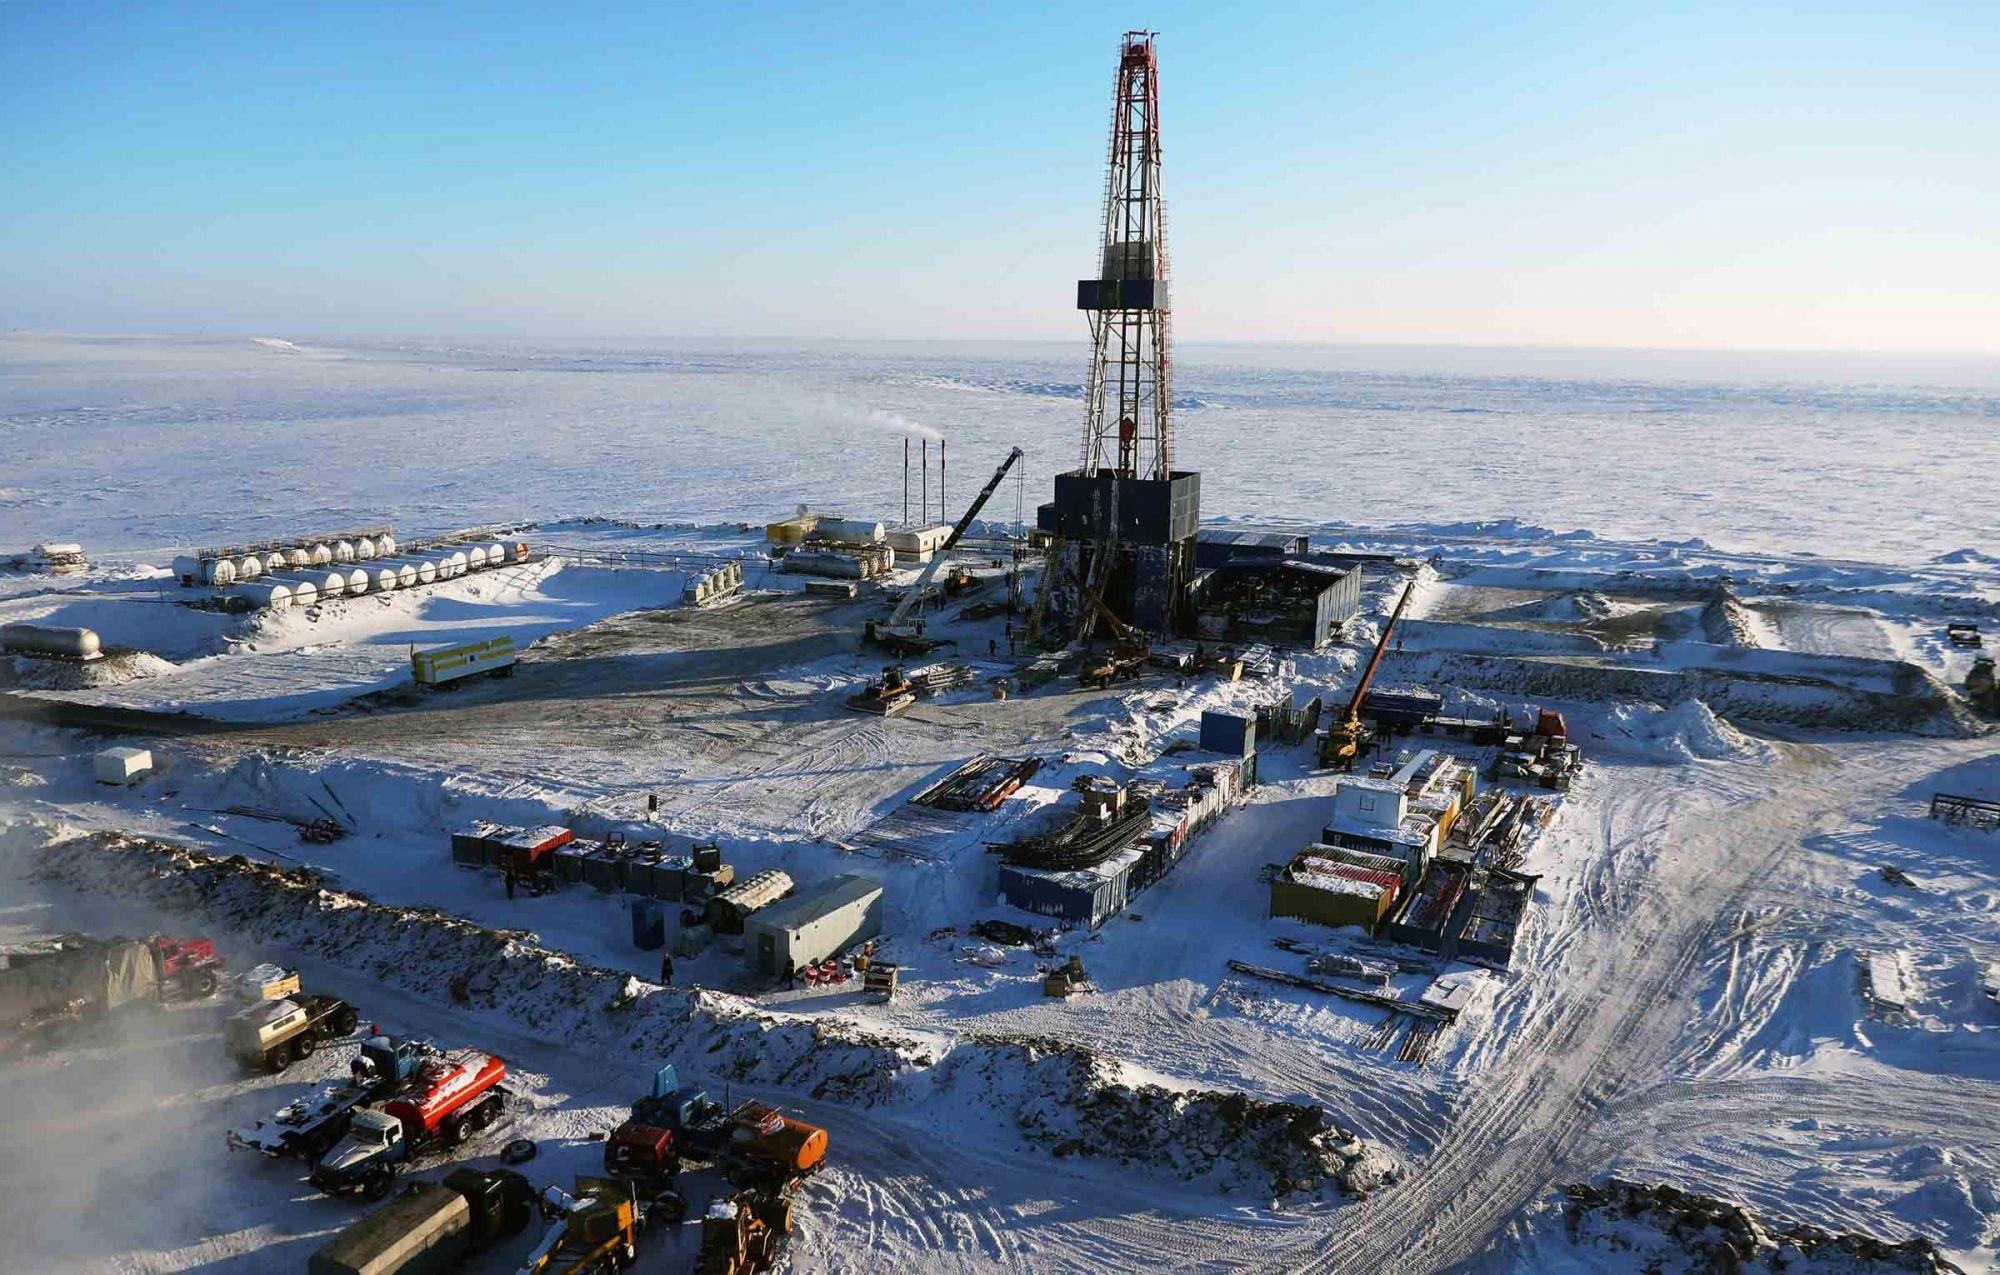 удивительное картинки месторождения нефтегаза этом производимые организацией